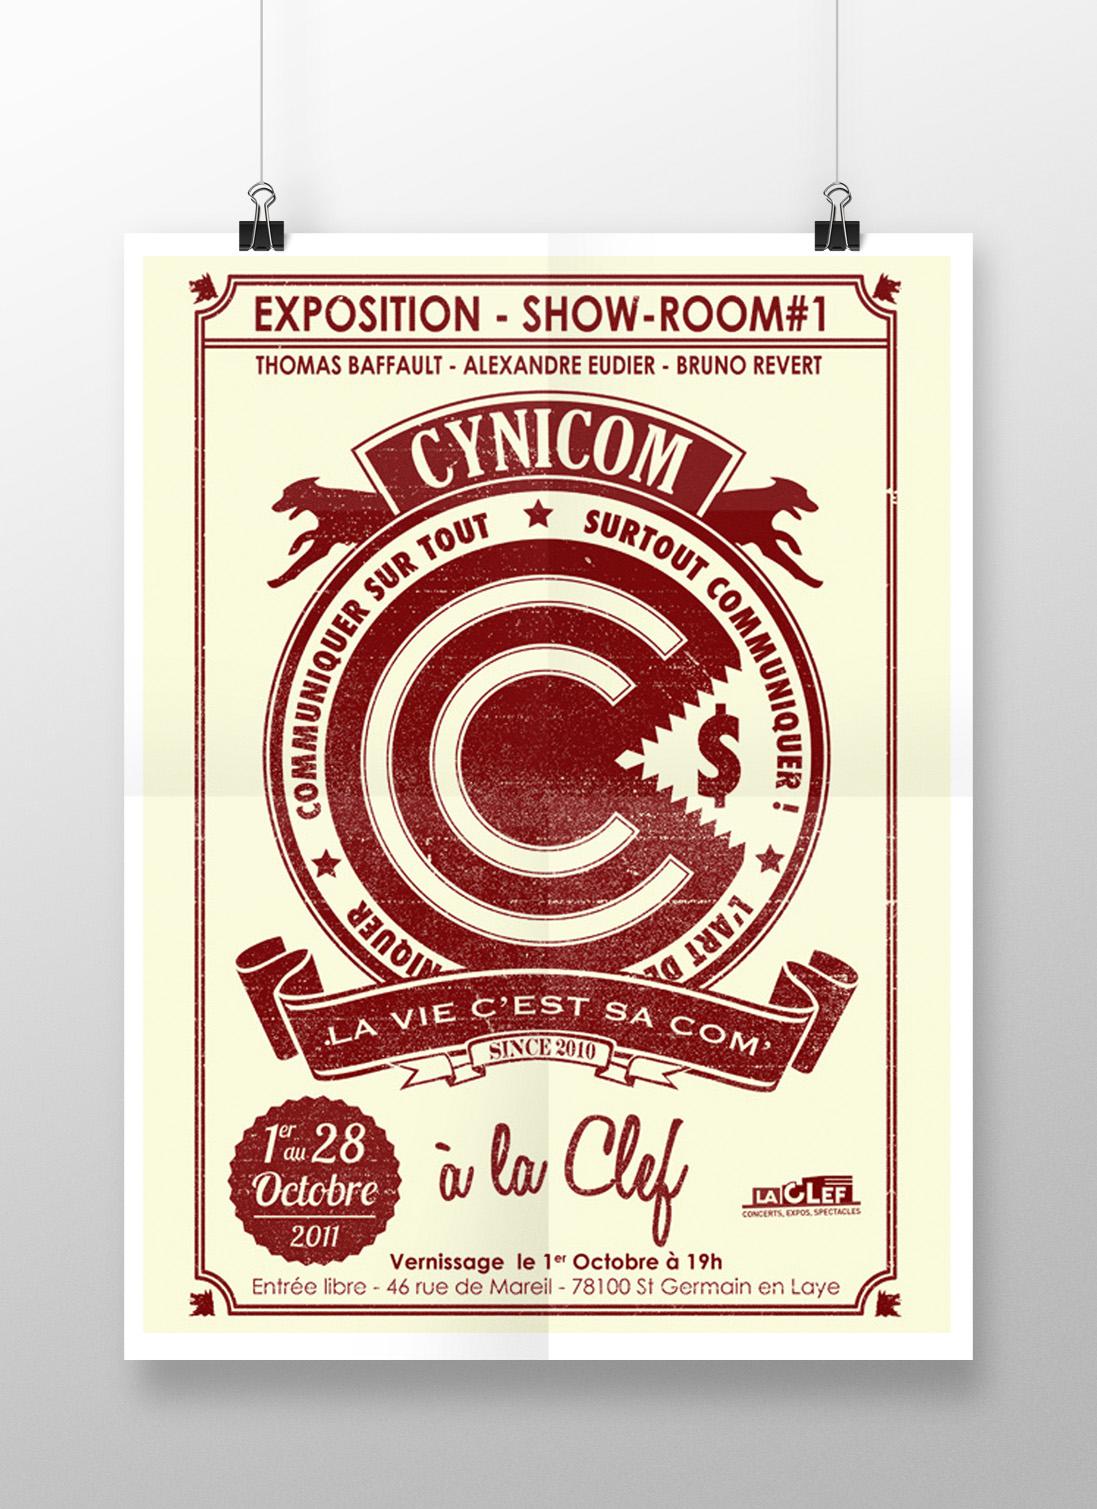 [EXPO] Showroom #1